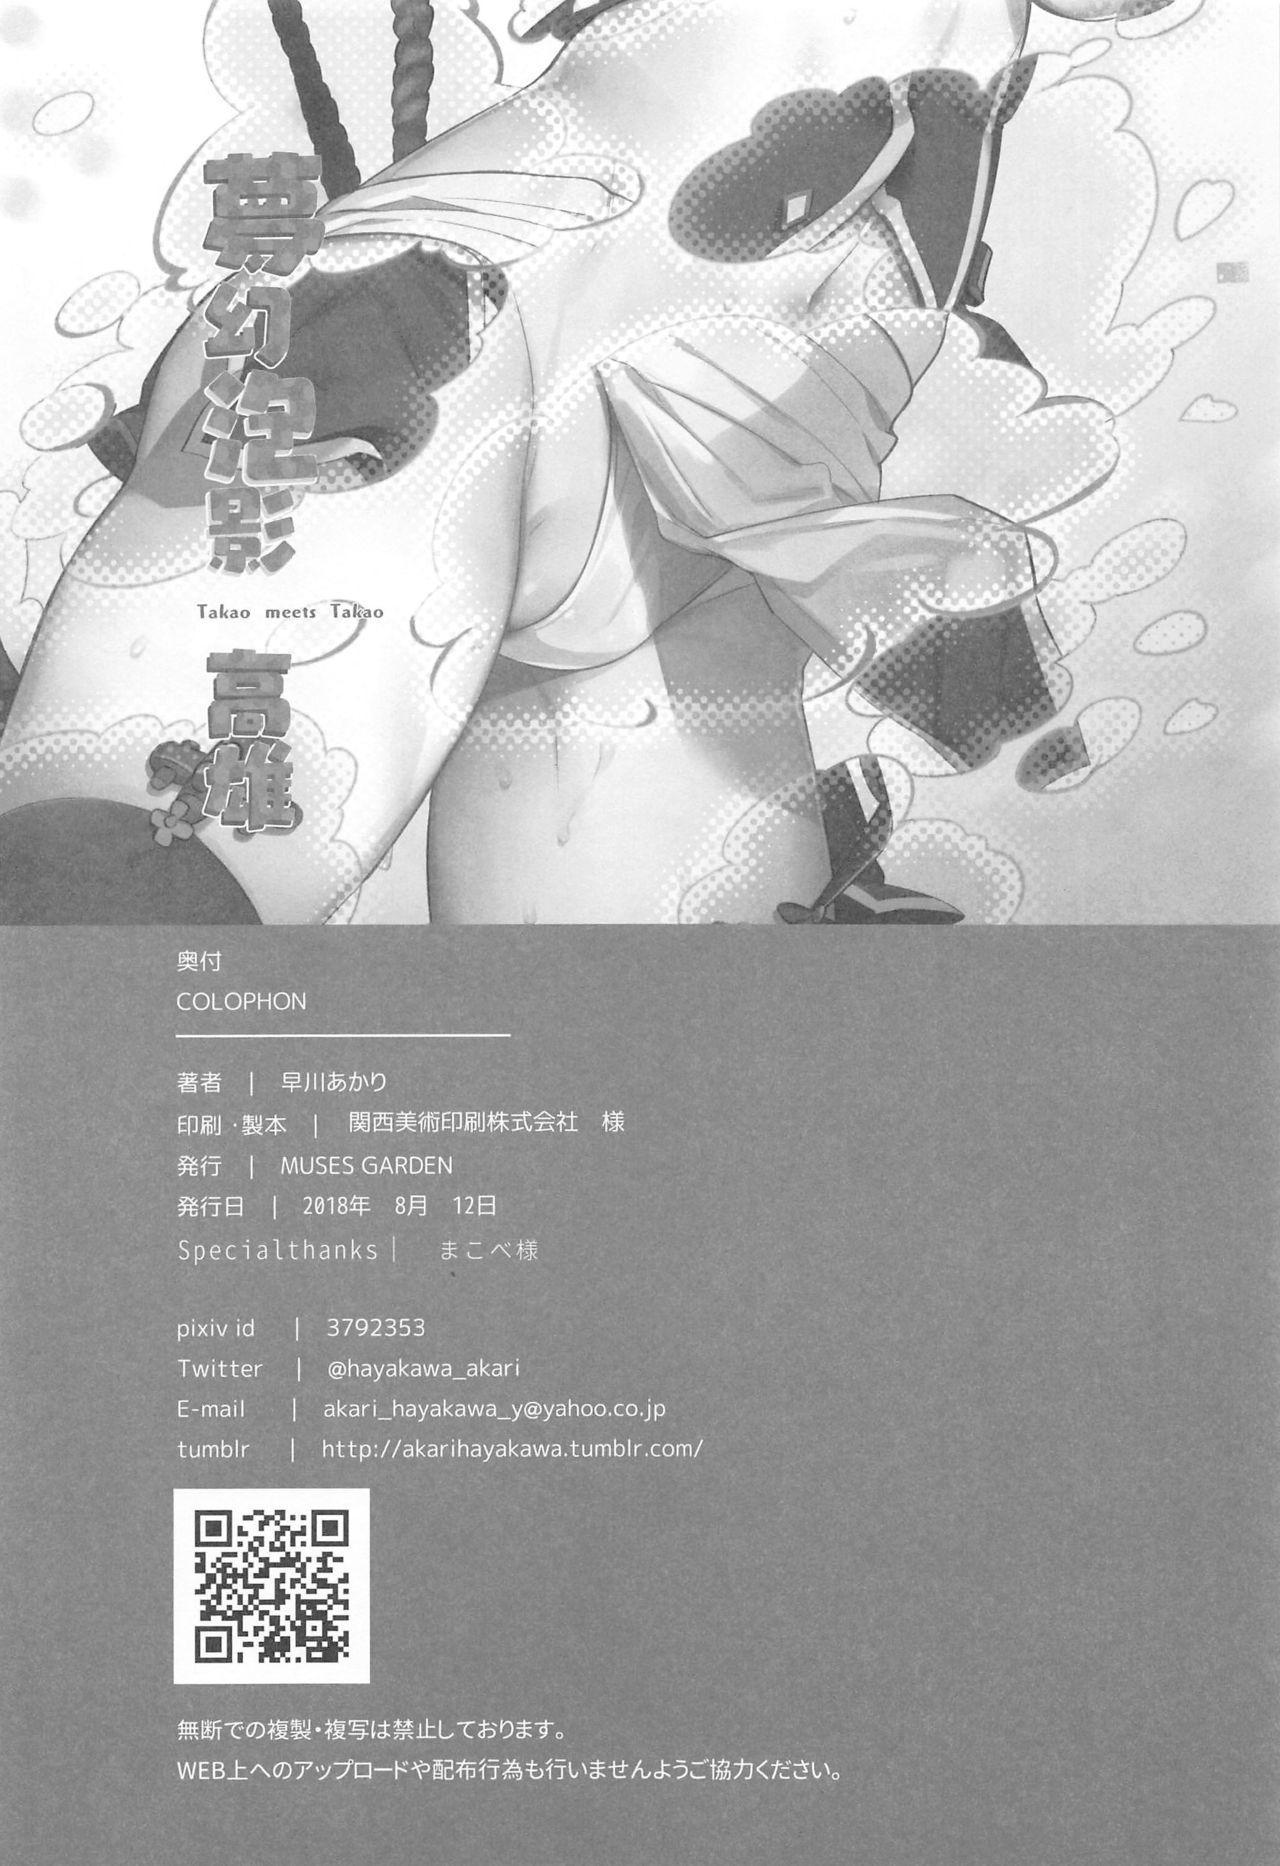 Mugen Houyou Takao - Takao meets Takao 20